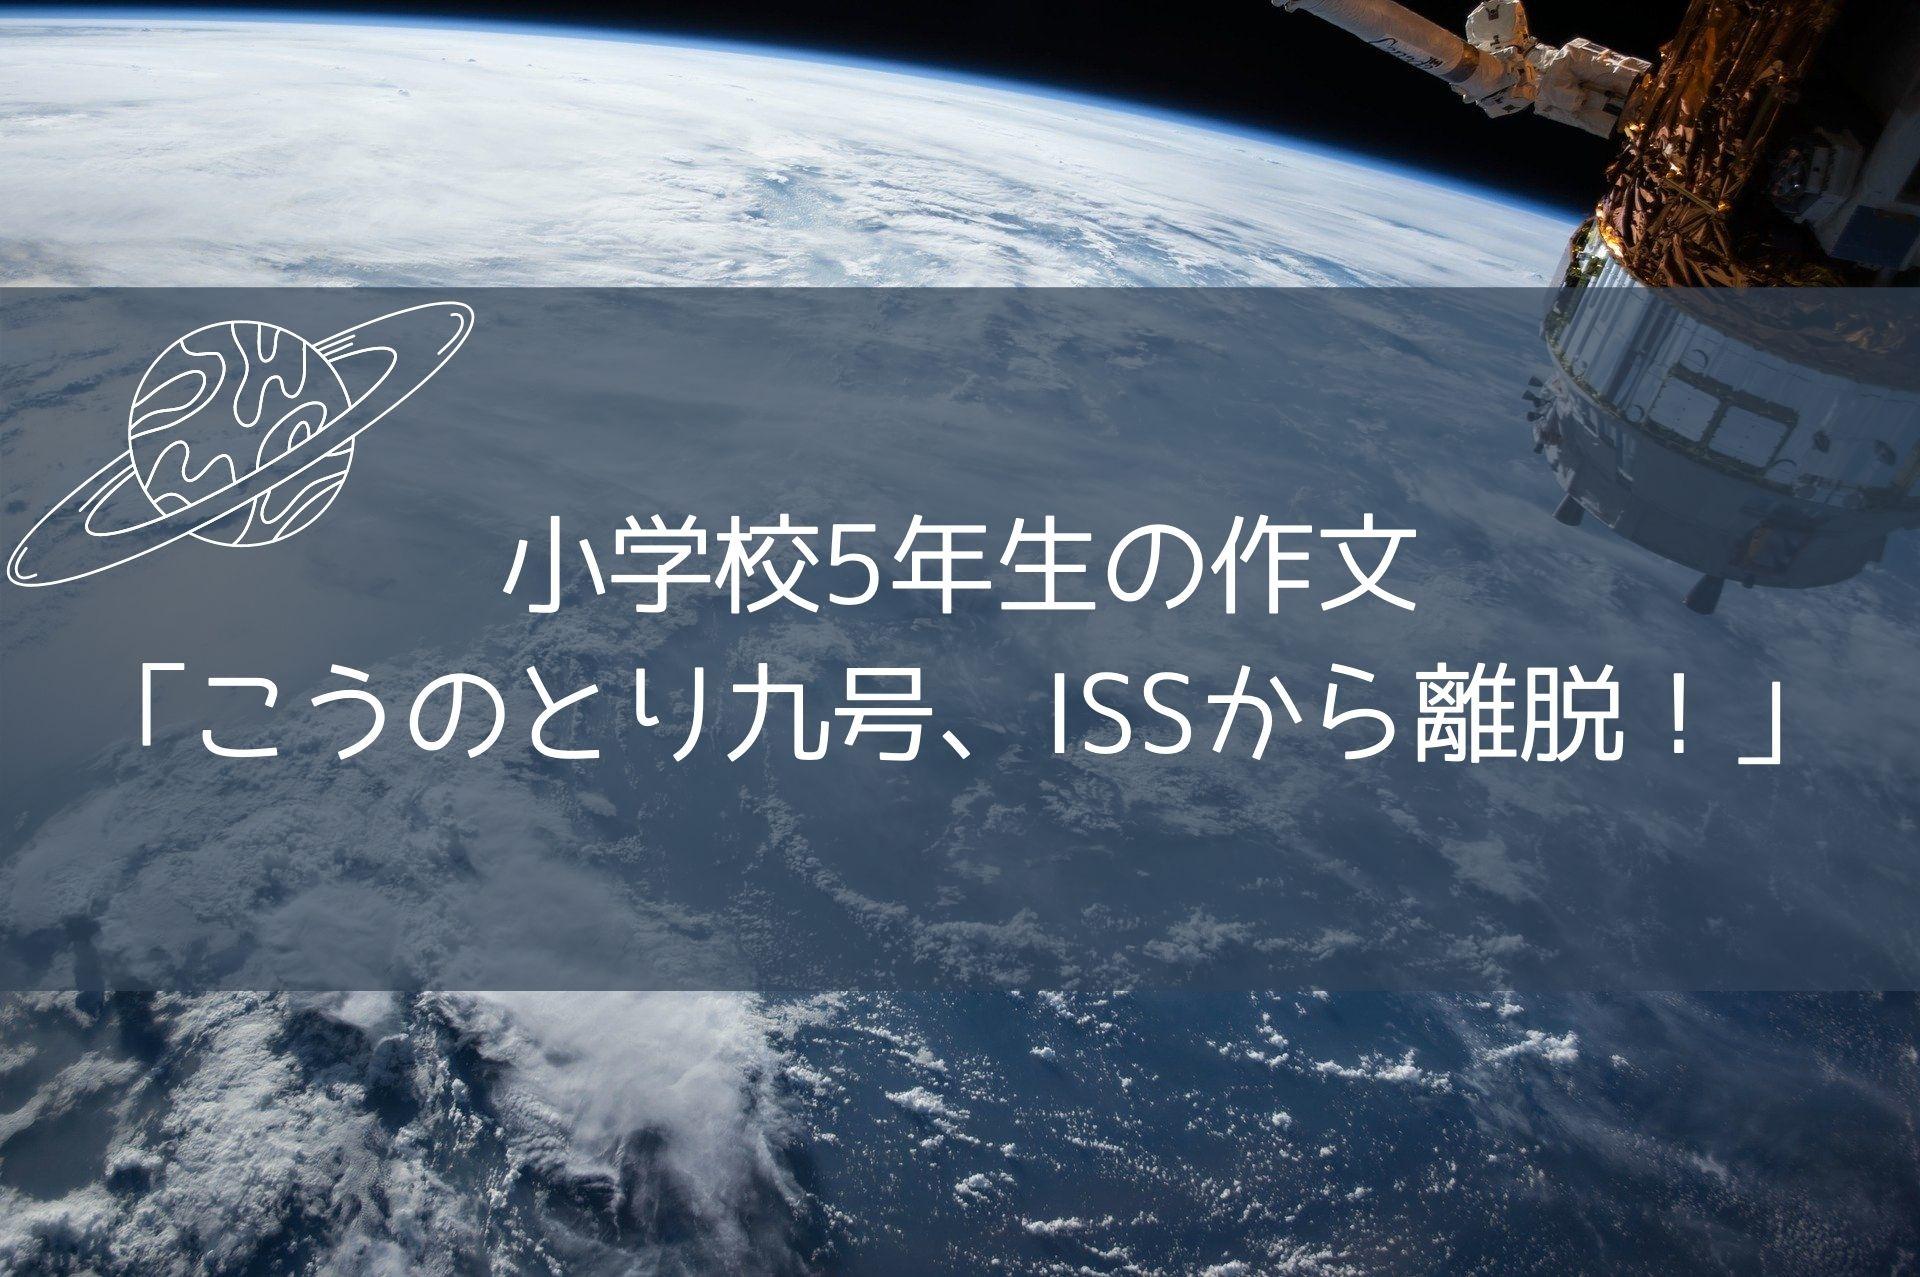 小学校5年生の作文「こうのとり九号、ISSから離脱!」